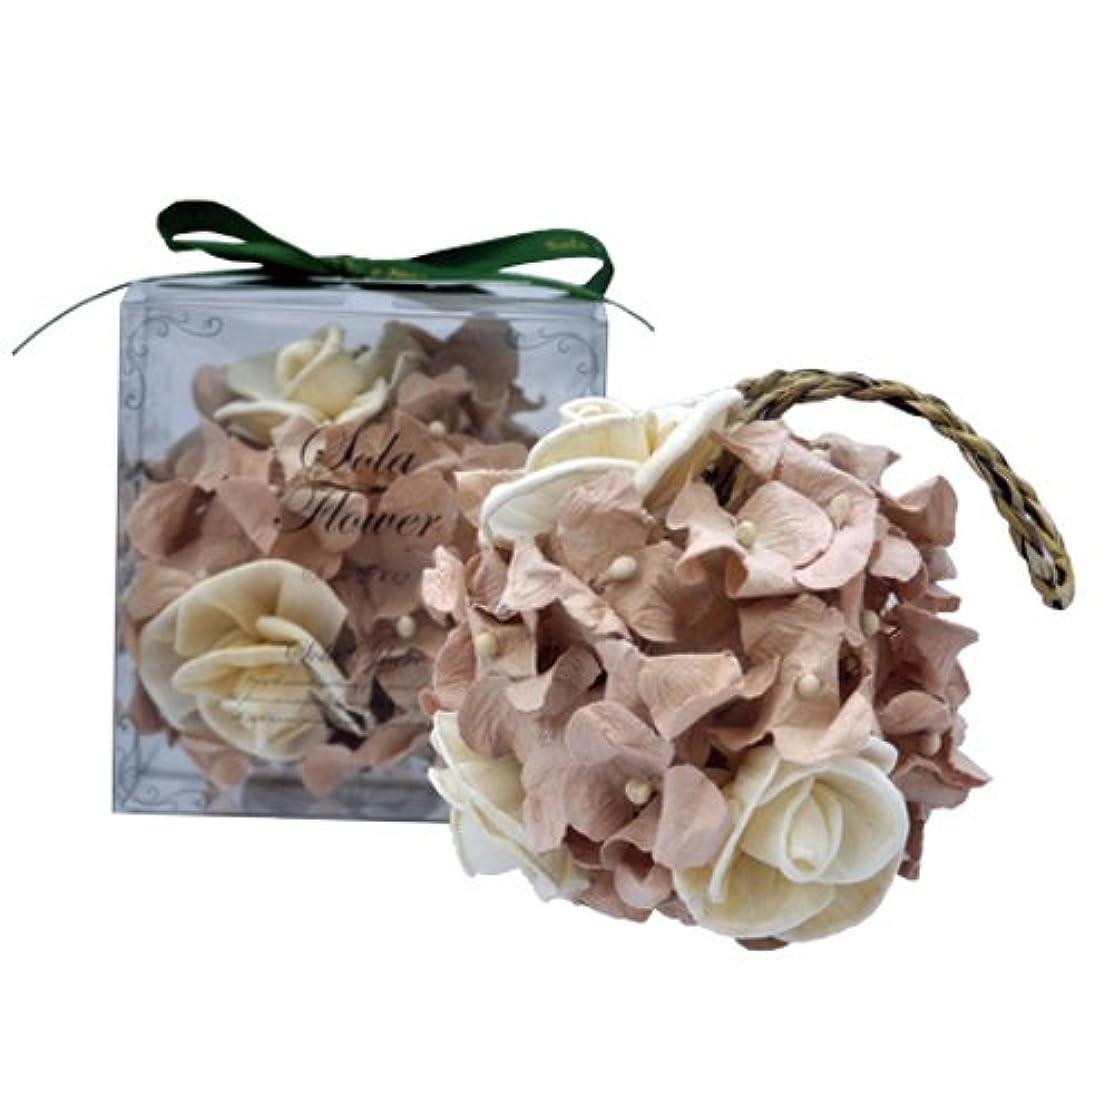 コーン展示会立派なnew Sola Flower ソラフラワー スフィア Gentle Rose ジェントルローズ Sphere